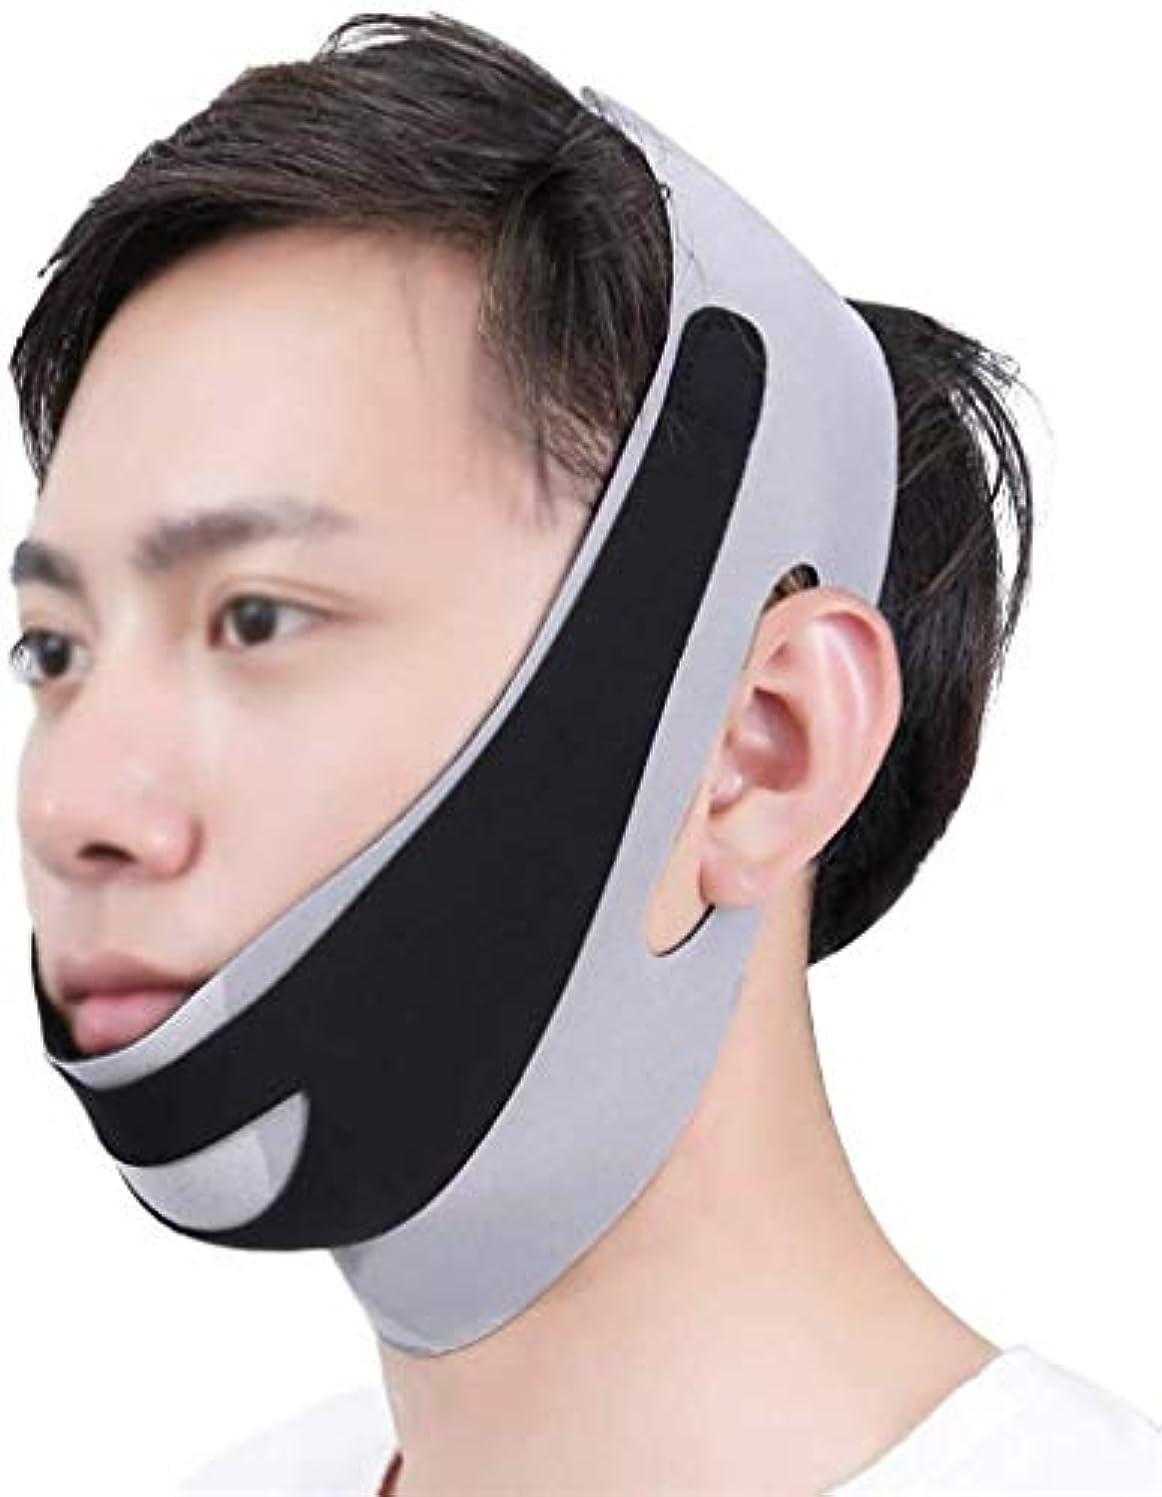 激怒優遇発症美しさと実用的な顔と首のリフト術後の弾性フェイスマスク小さなV顔アーティファクト薄い顔包帯アーティファクトV顔ぶら下げ耳リフティング引き締め男性の顔アーティファクト